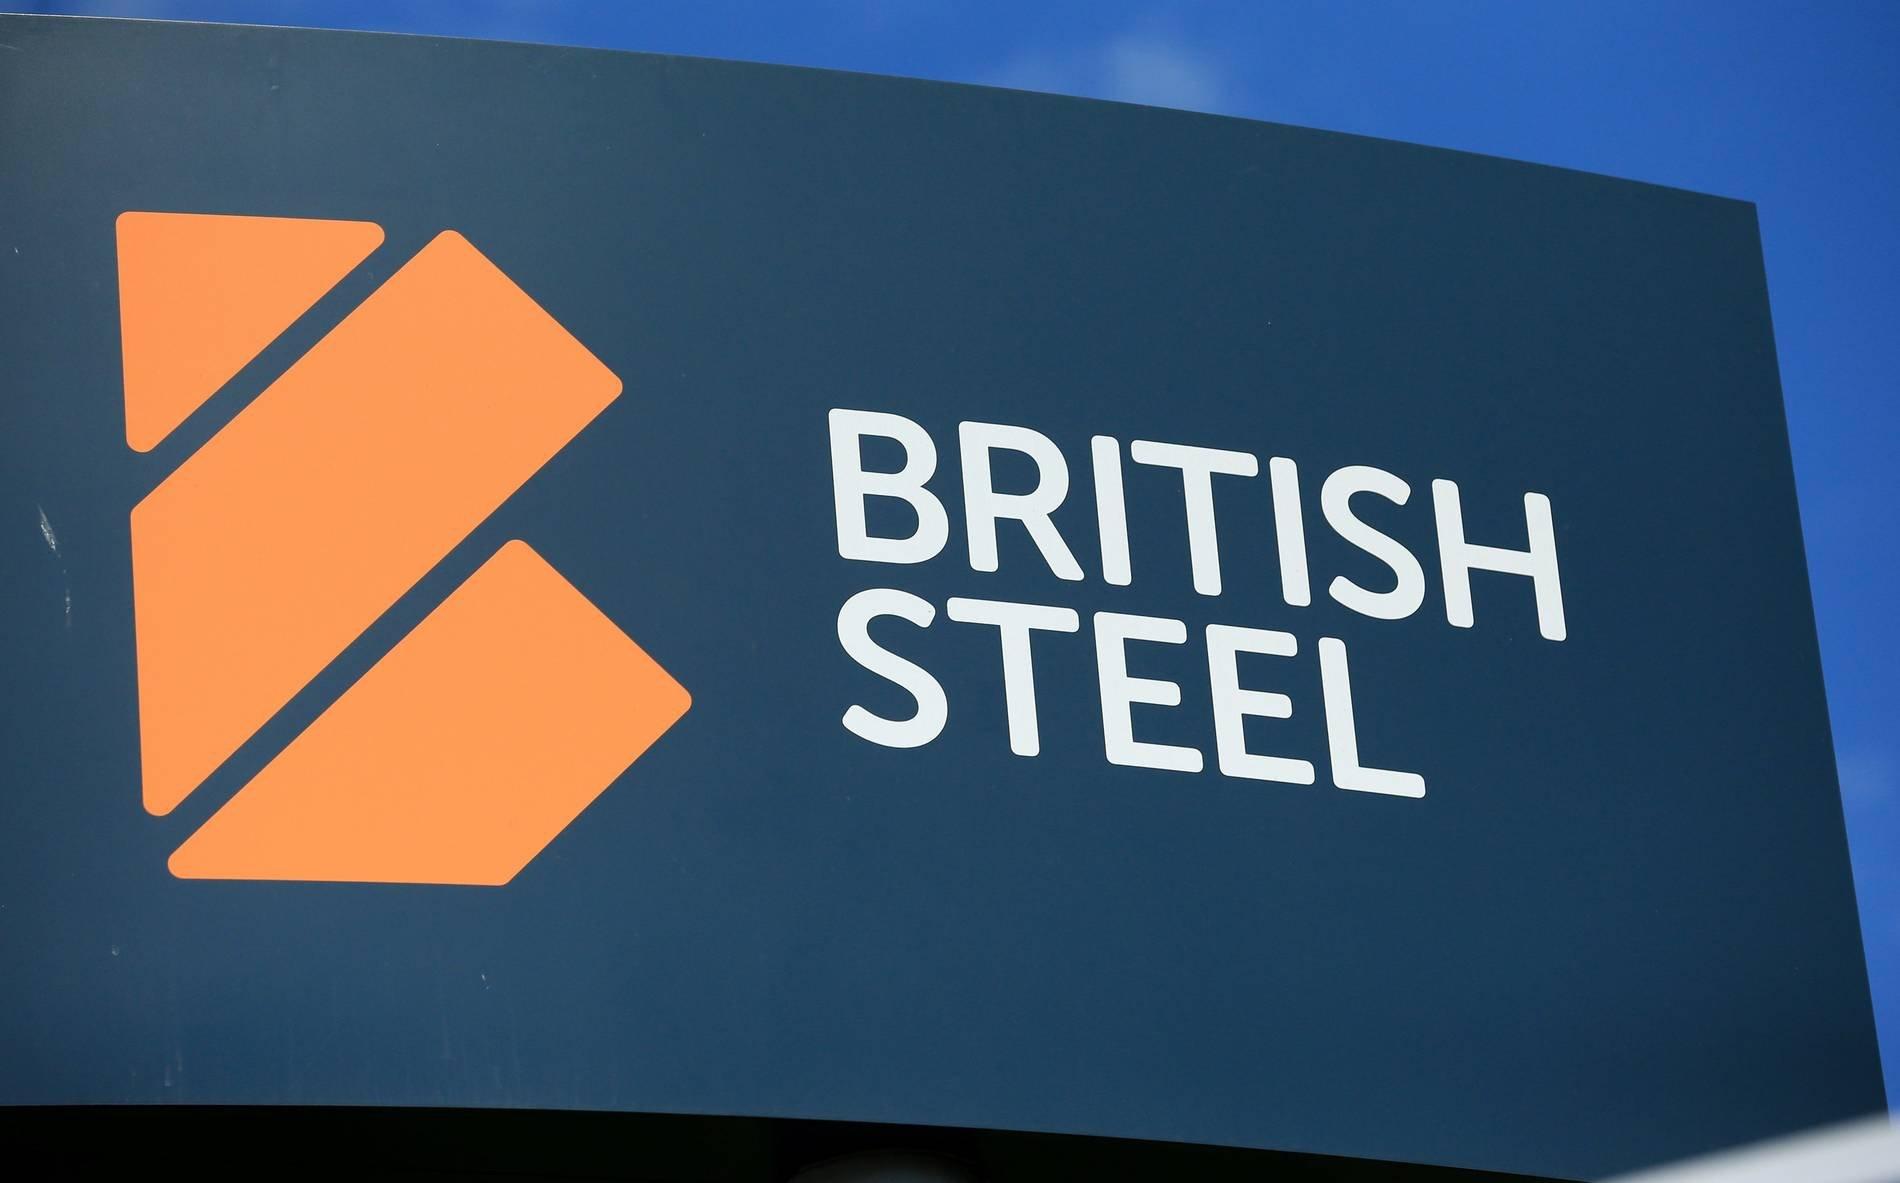 Großbritanniens zweitgrößter Stahlhersteller ist pleite und wird abgewickelt - Wirtschaft